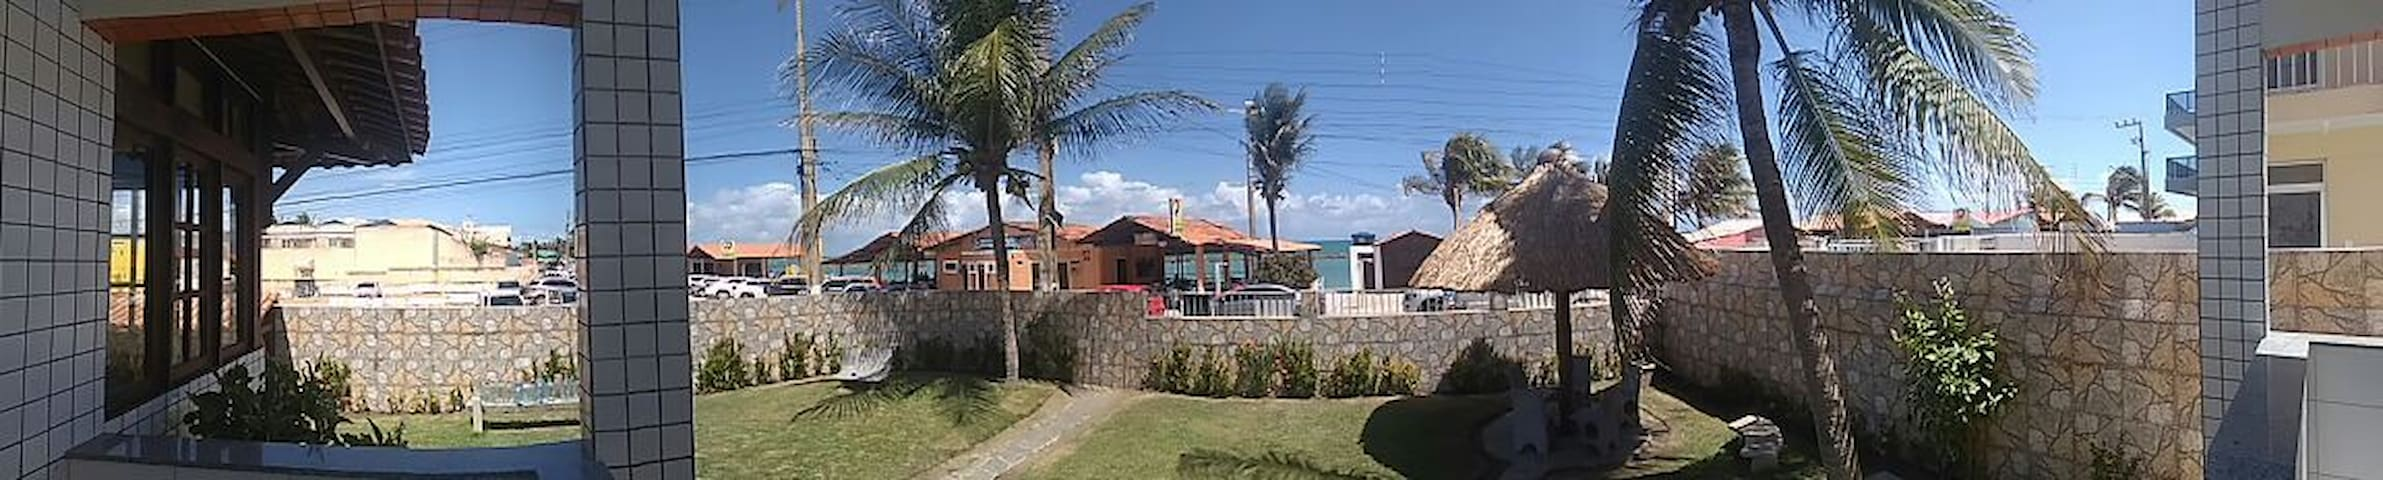 Apartamento em frente ao mar na Barra - Barra de São Miguel - Apartment